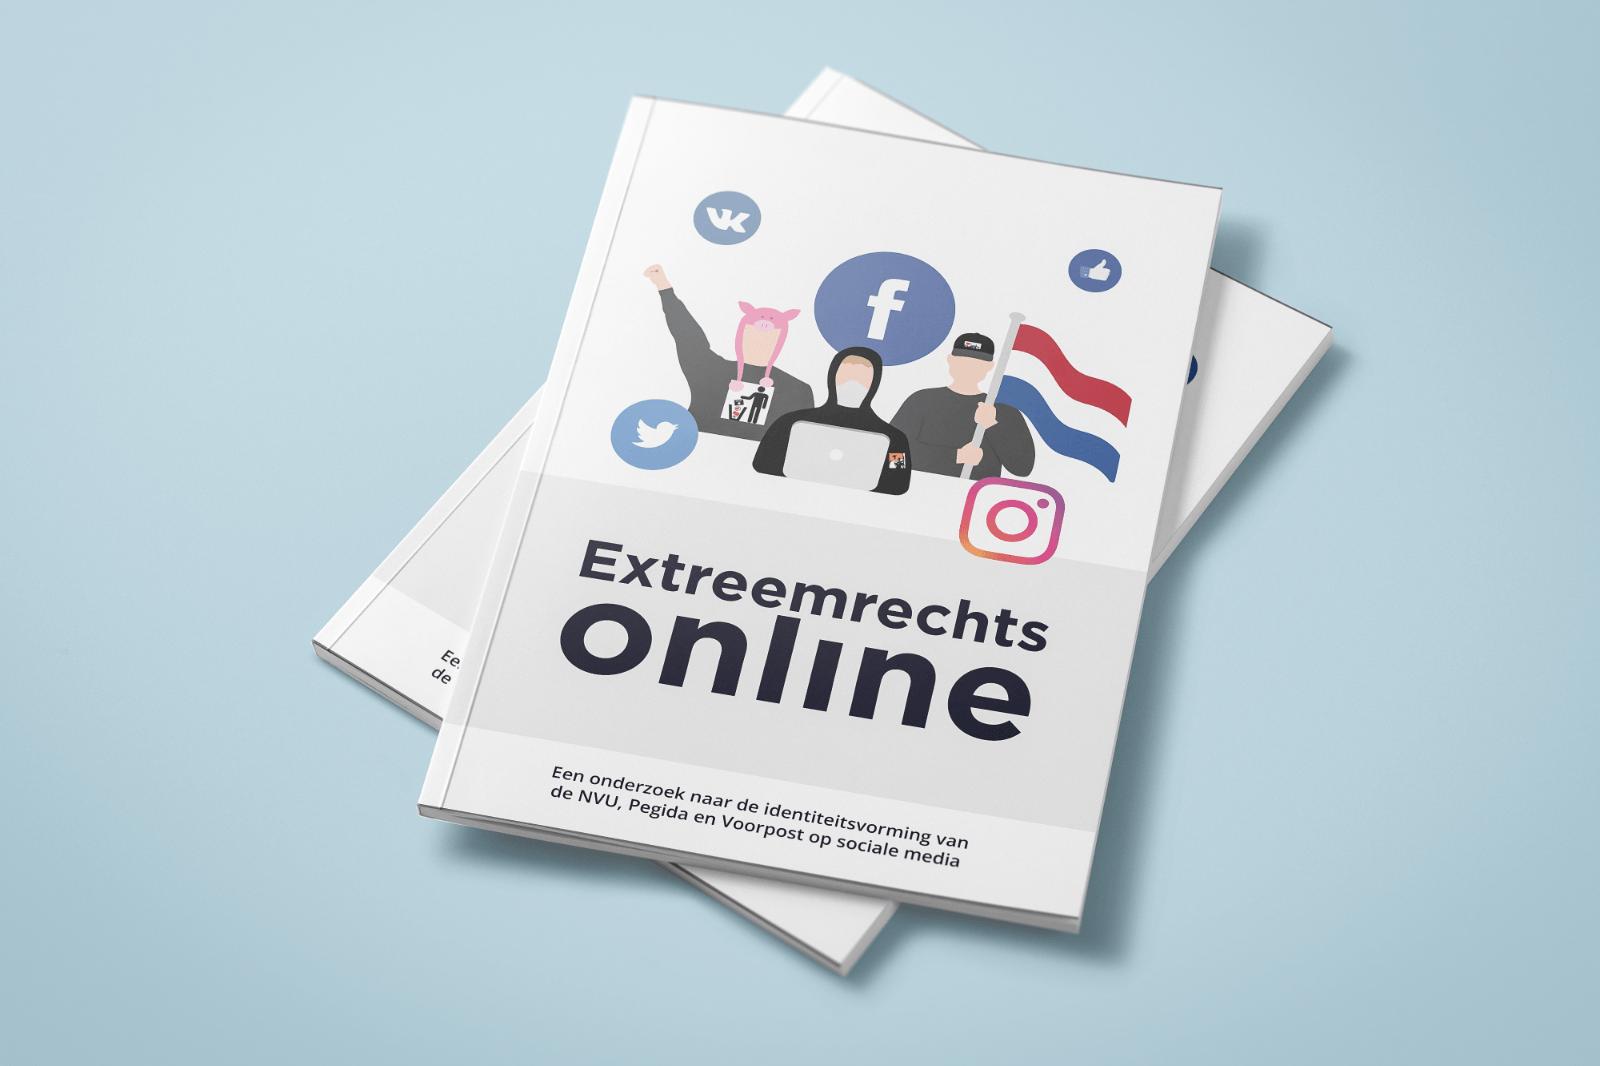 ExtreemRechts_Online_Definitief